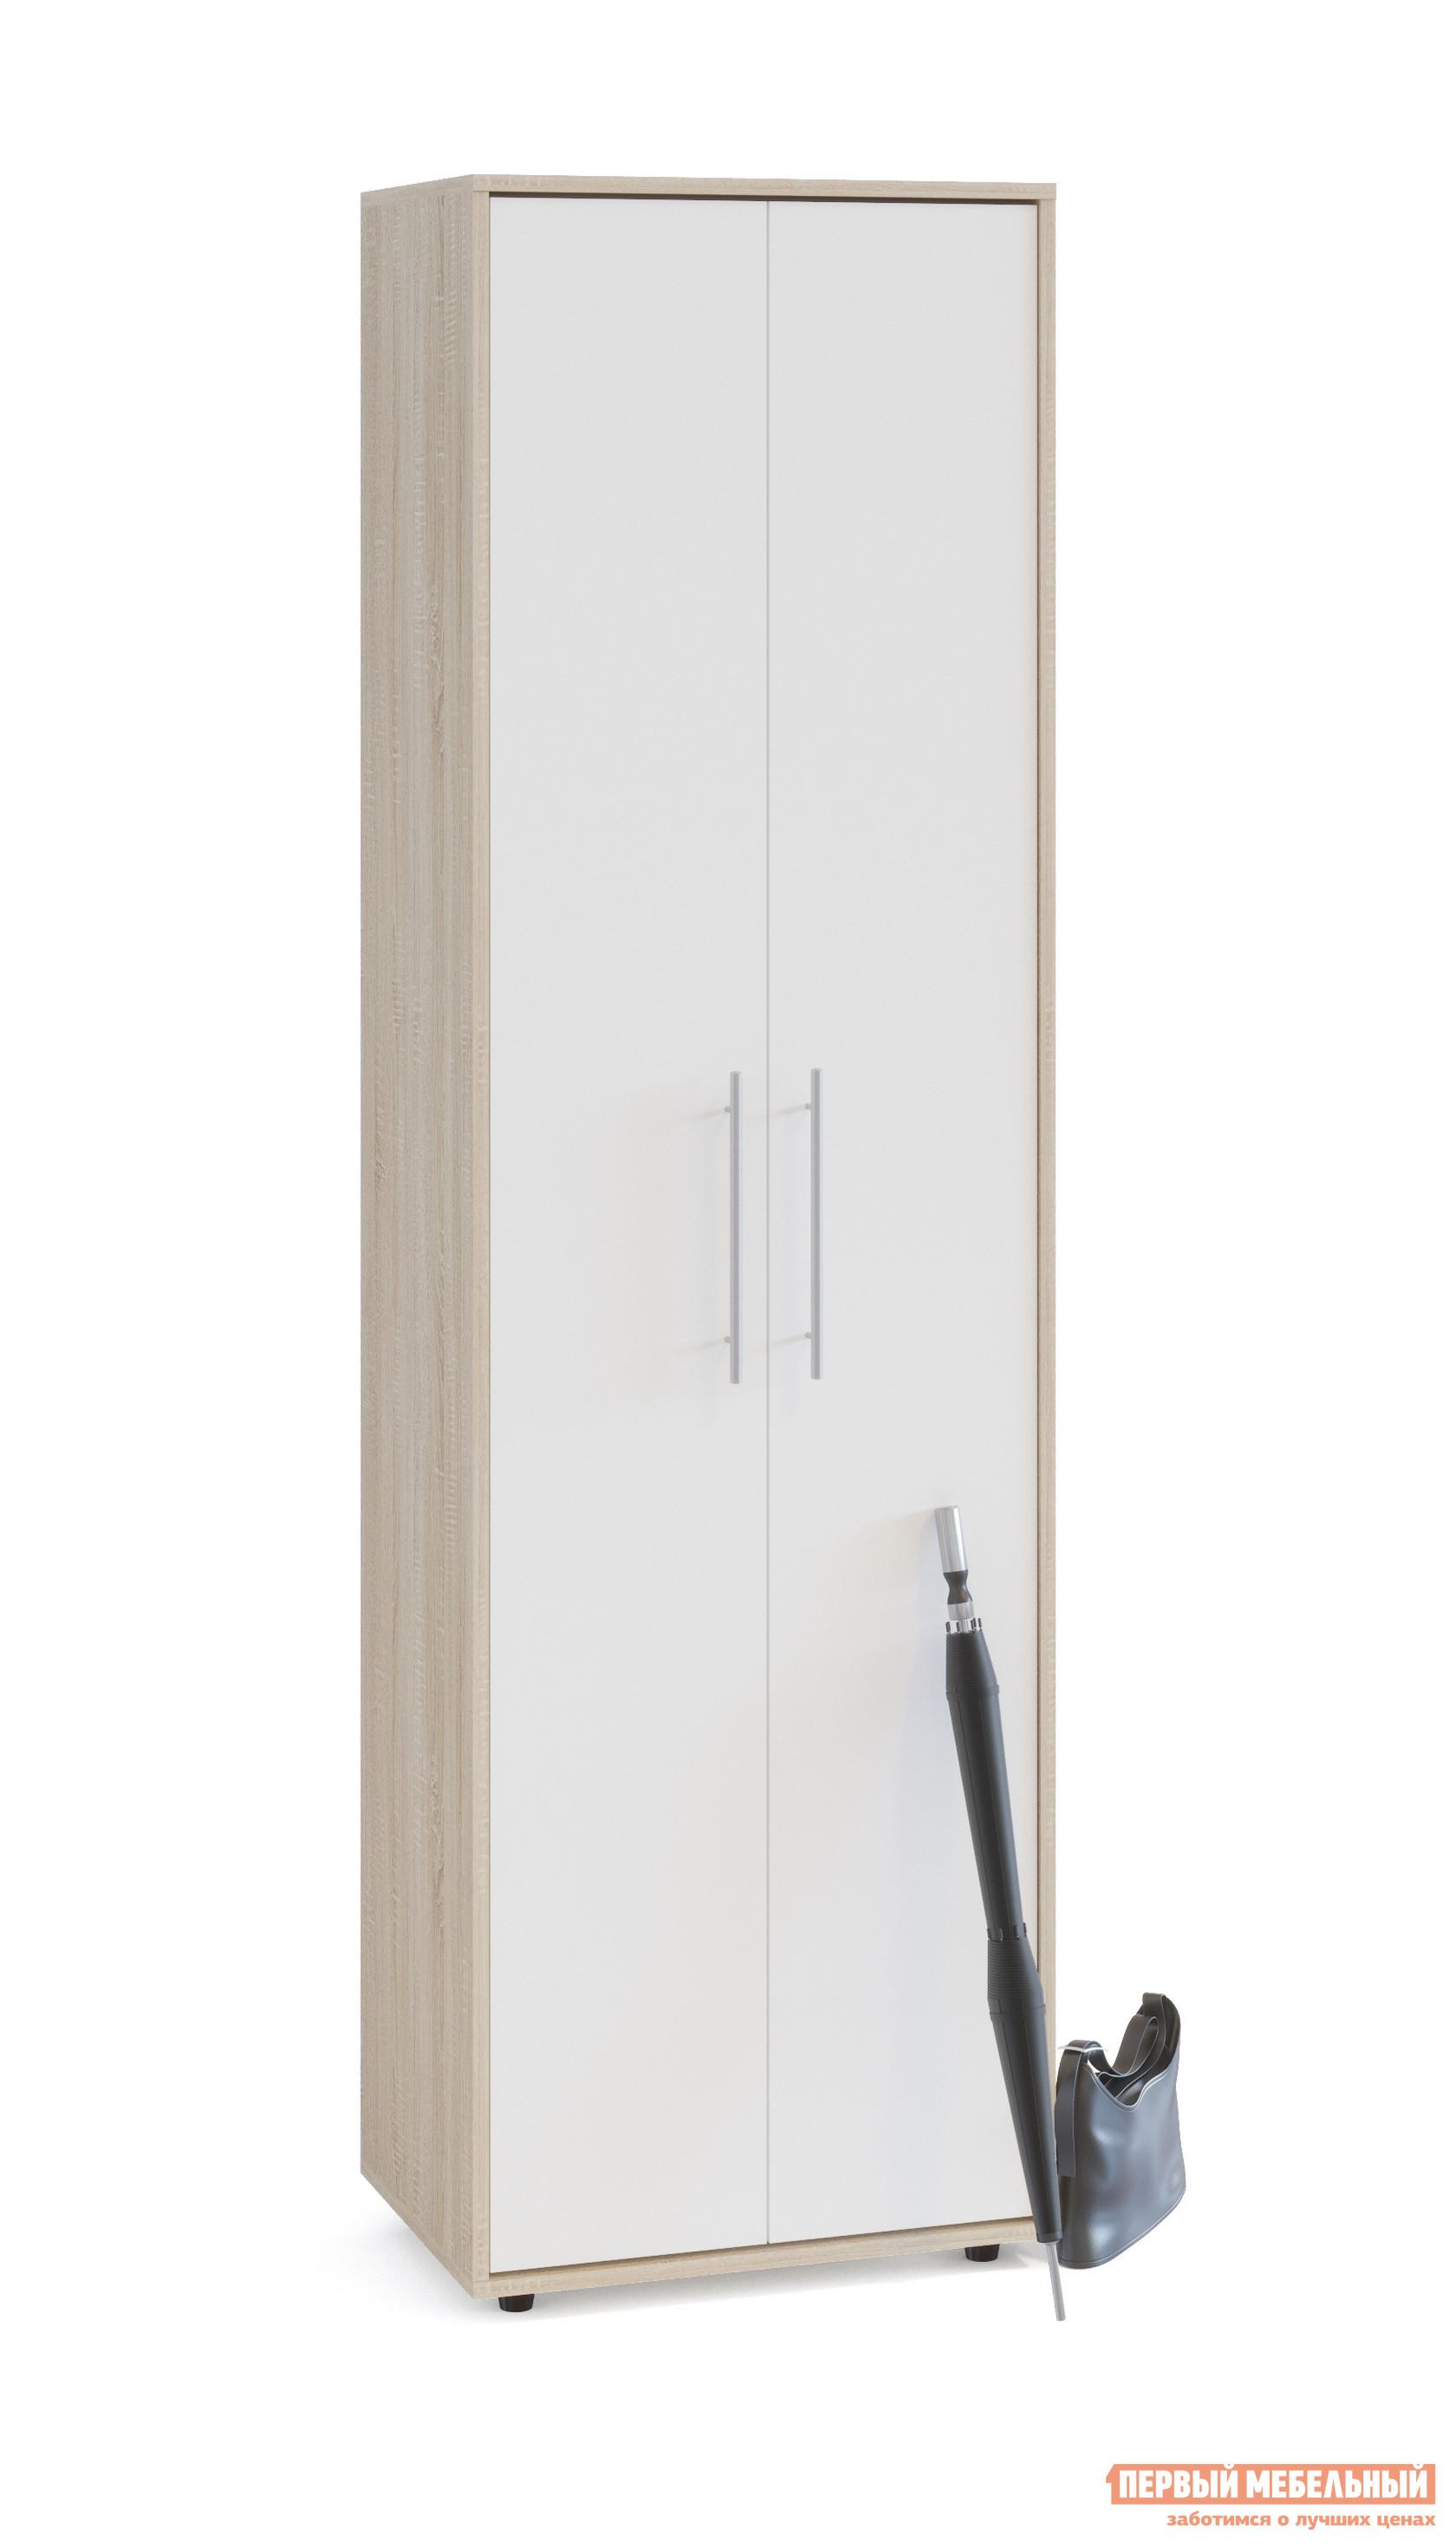 Шкаф распашной Сокол ШО-1 Дуб Сонома / БелыйШкафы распашные<br>Габаритные размеры ВхШхГ 2087x600x429 мм. Шкаф для одежды, шириной 600 мм.  Шкаф оборудован двустворчатыми дверями.  Внутри шкафа расположены две полки и выдвижная вешалка.  Изделие поставляется в разобранном виде.  Хорошо упаковано в гофротару вместе с необходимой фурнитурой для сборки и подробной инструкцией.   Изготовлена из высококачественной ЛДСП 16 мм.   Отделывается кромкой ПВХ 0. 4 мм.  Рекомендуем сохранить инструкцию по сборке (паспорт изделия) до истечения гарантийного срока.<br><br>Цвет: Белый<br>Цвет: Светлое дерево<br>Высота мм: 2087<br>Ширина мм: 600<br>Глубина мм: 429<br>Кол-во упаковок: 1<br>Форма поставки: В разобранном виде<br>Срок гарантии: 2 года<br>Тип: Прямые<br>Материал: ЛДСП<br>Размер: Двухдверные